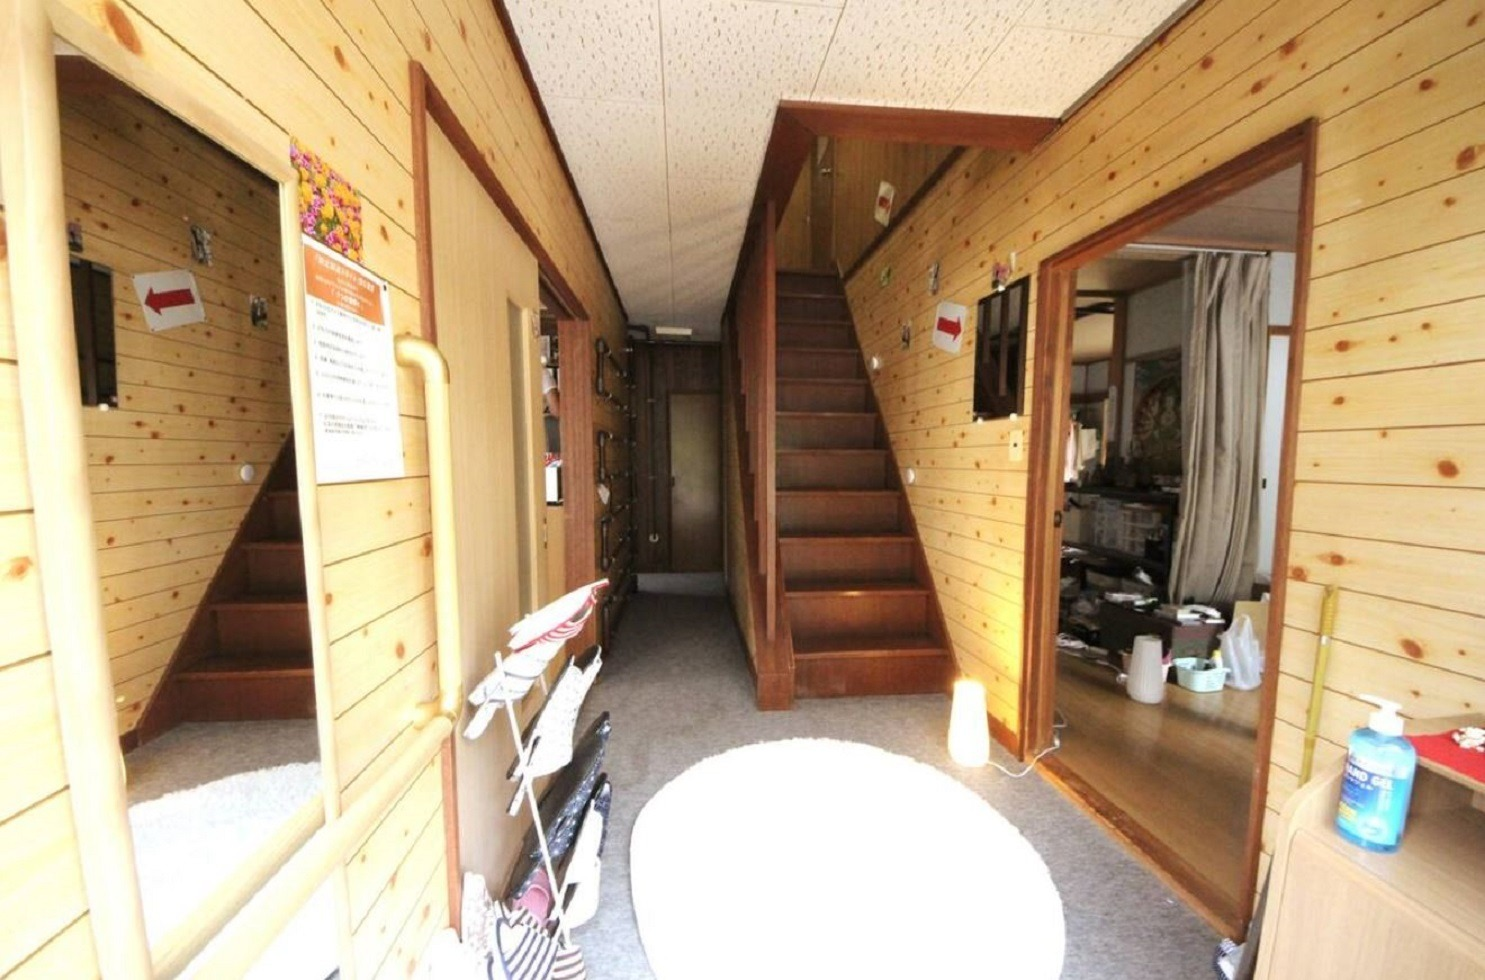 宿泊室1★最寄バス停から徒歩10分♪北海道北湯沢温泉が楽しめます!